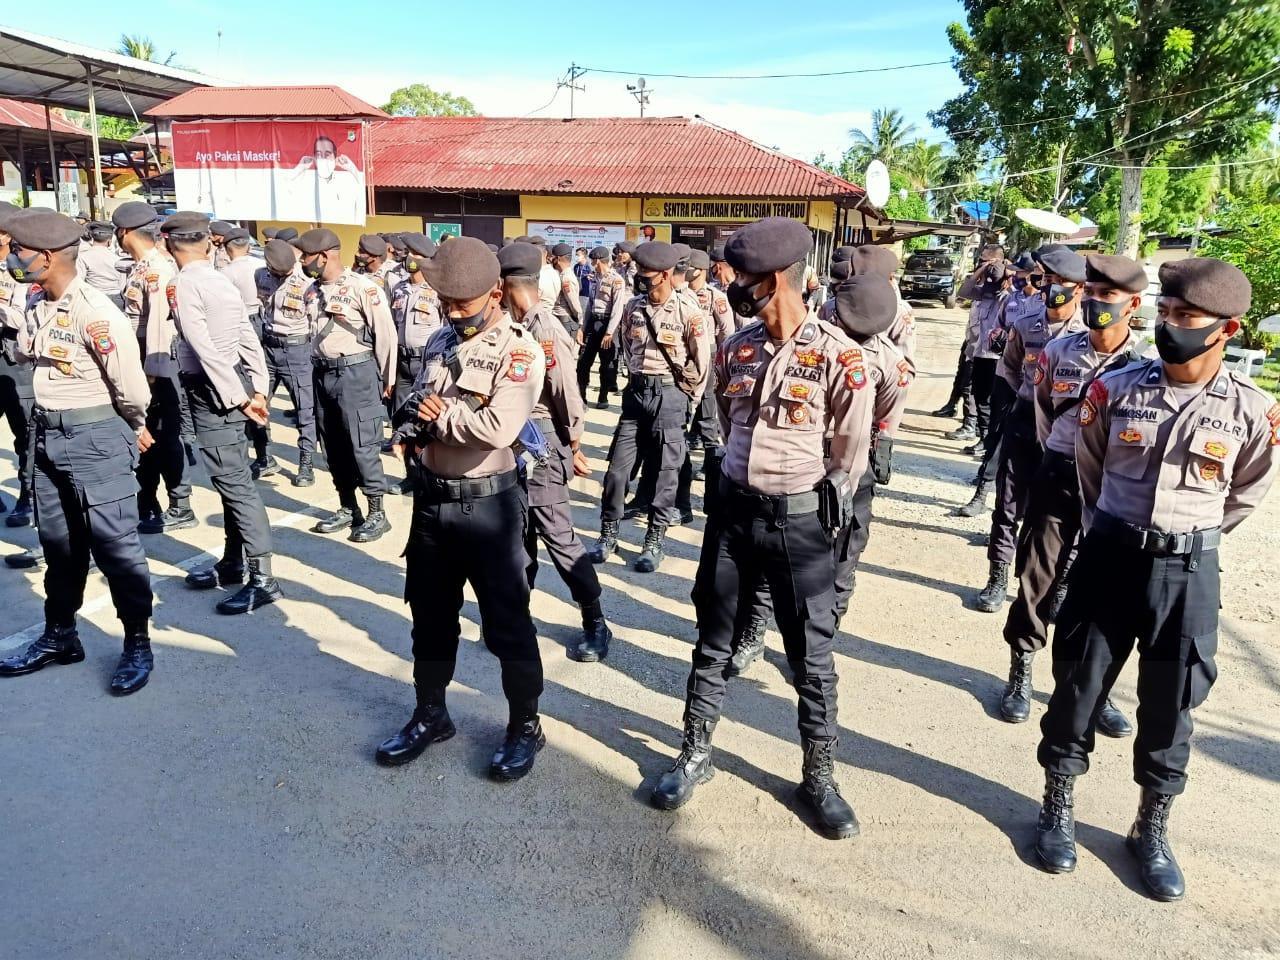 493 Personil Polres Manokwari Disiapkan Amankan Pilkada 5 IMG 20201206 WA0021